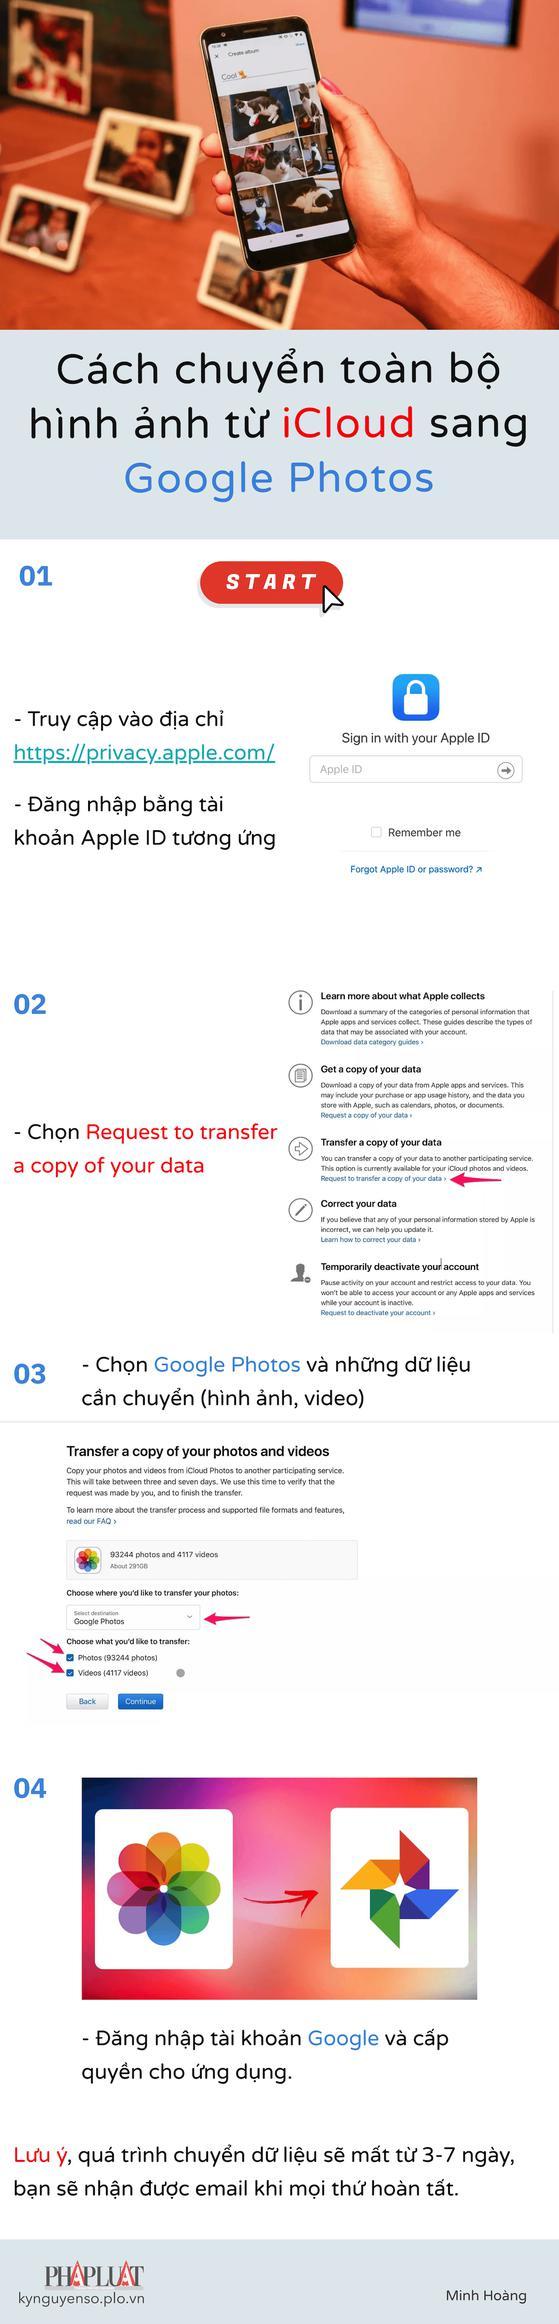 Cách chuyển toàn bộ hình ảnh từ iCloud sang Google Photos - 1